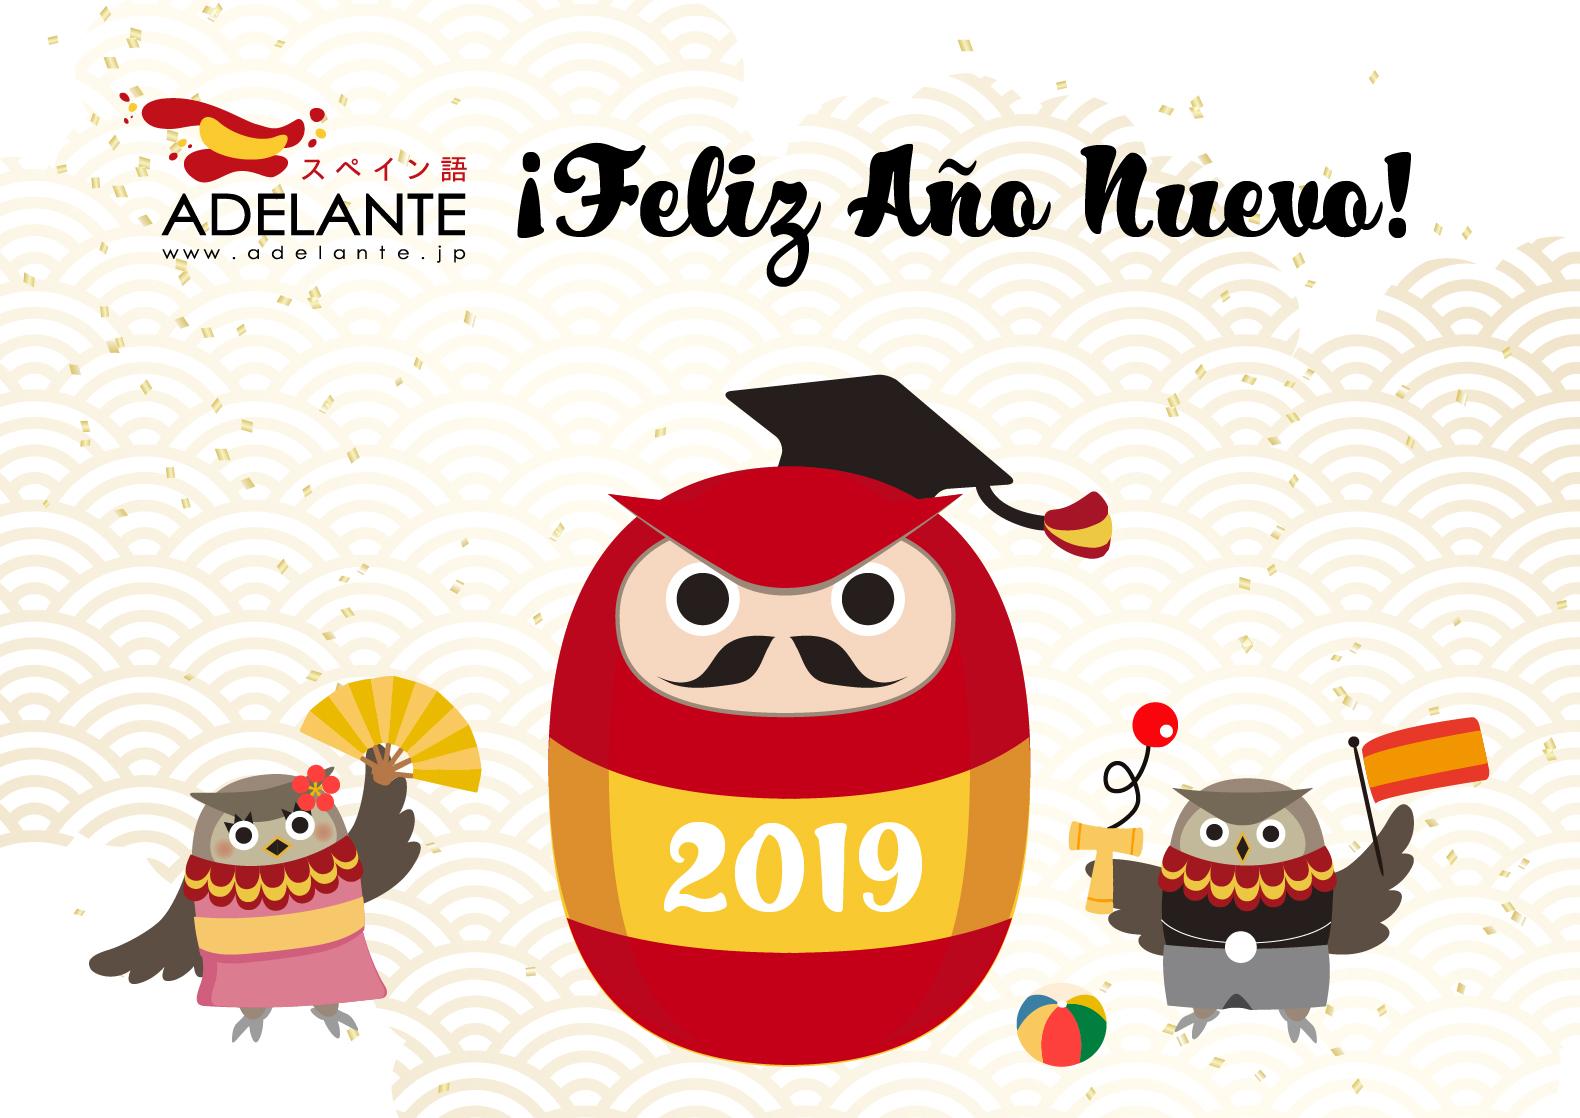 スペイン語で新年のご挨拶